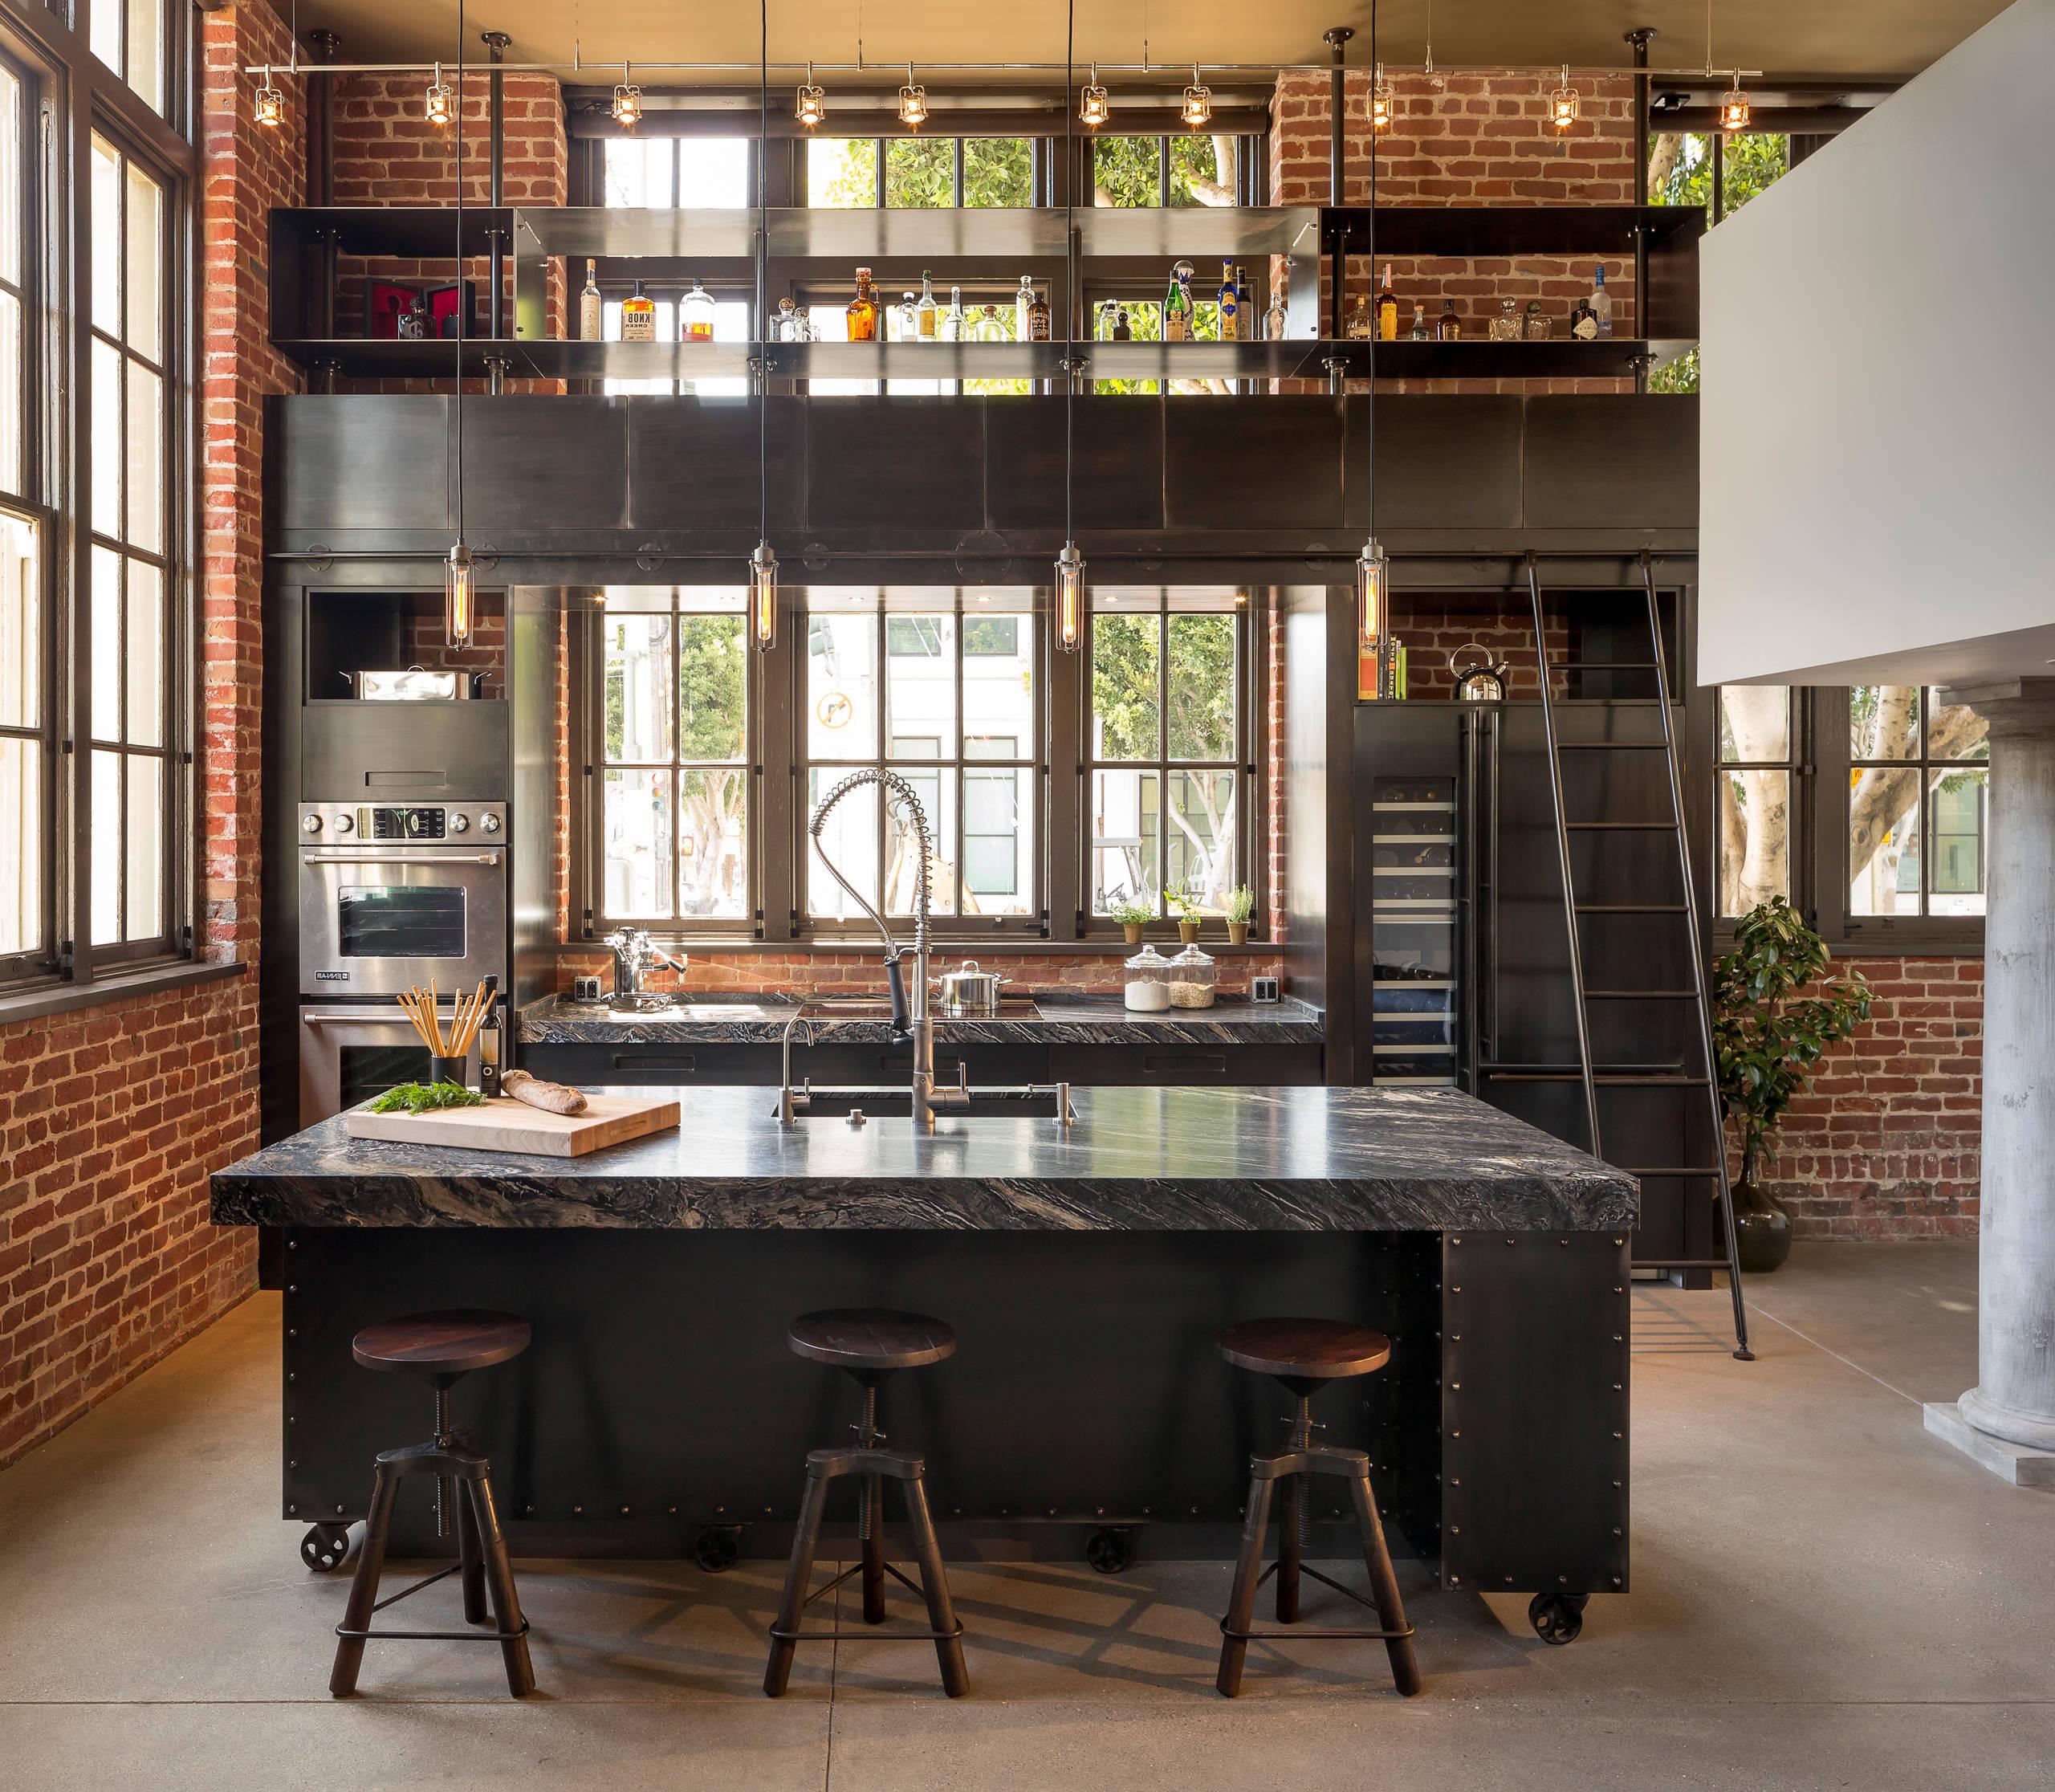 K chentrends ein kurzer r ckblick und was sie 2018 erwartet innendesign k che zenideen - Cuisine industrielle design ...